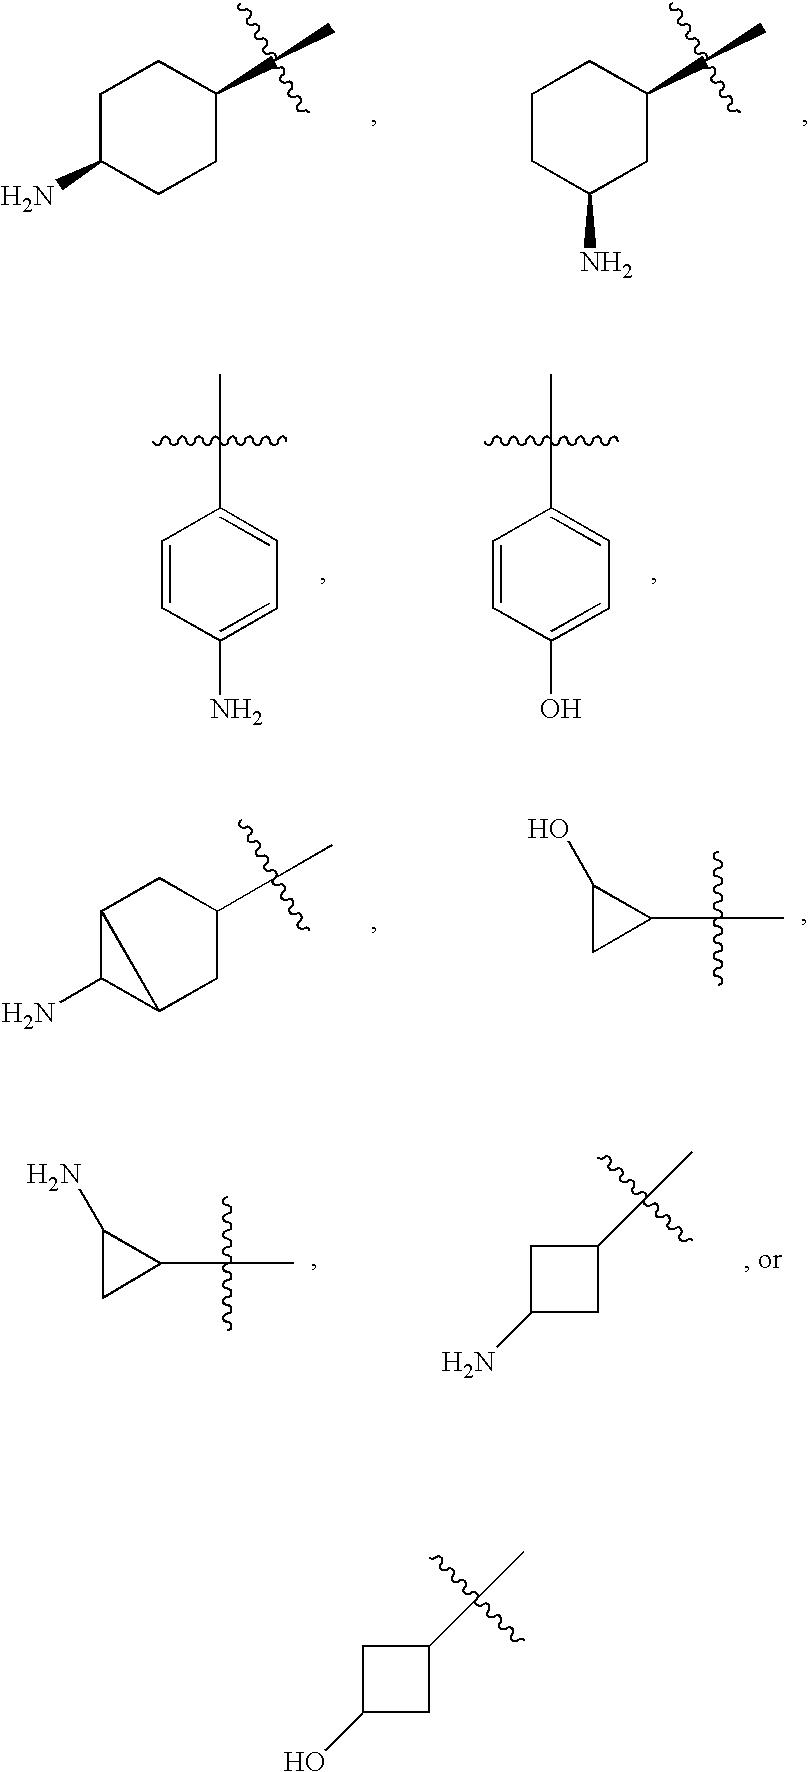 Figure US20050059662A1-20050317-C00015